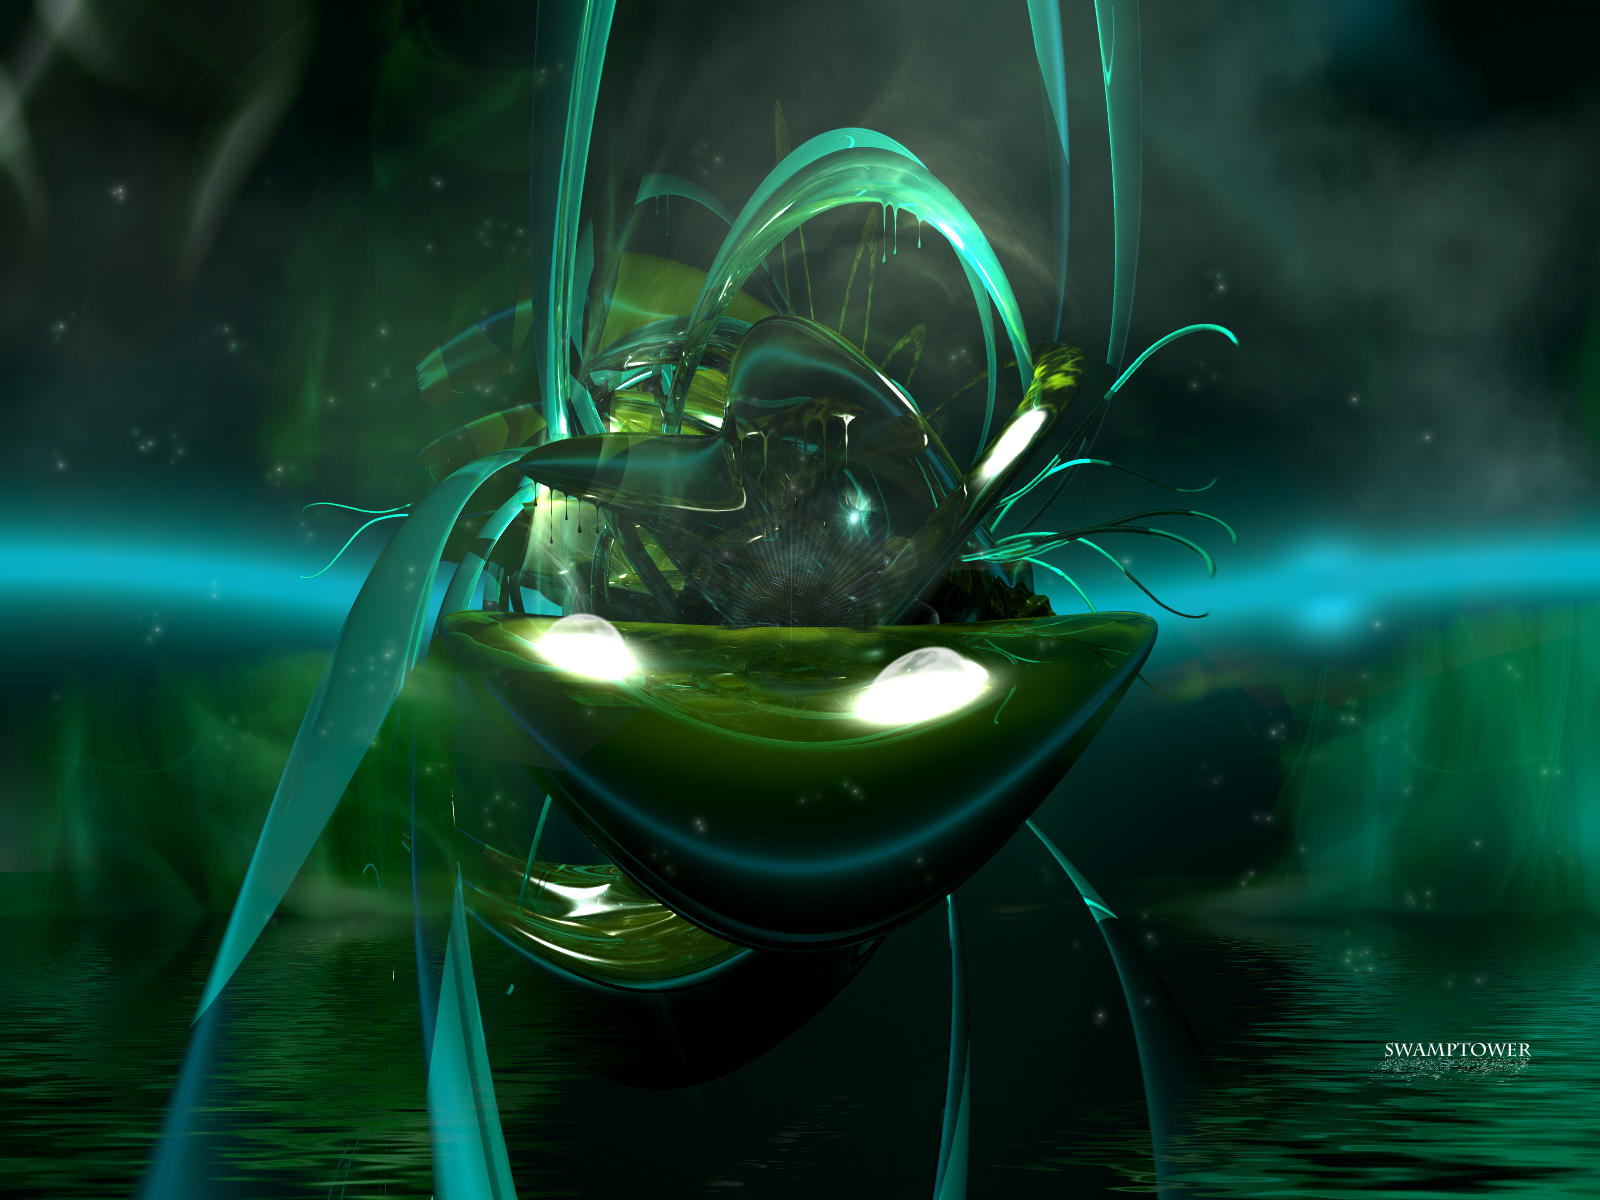 SWAMPTOWER by viperv6